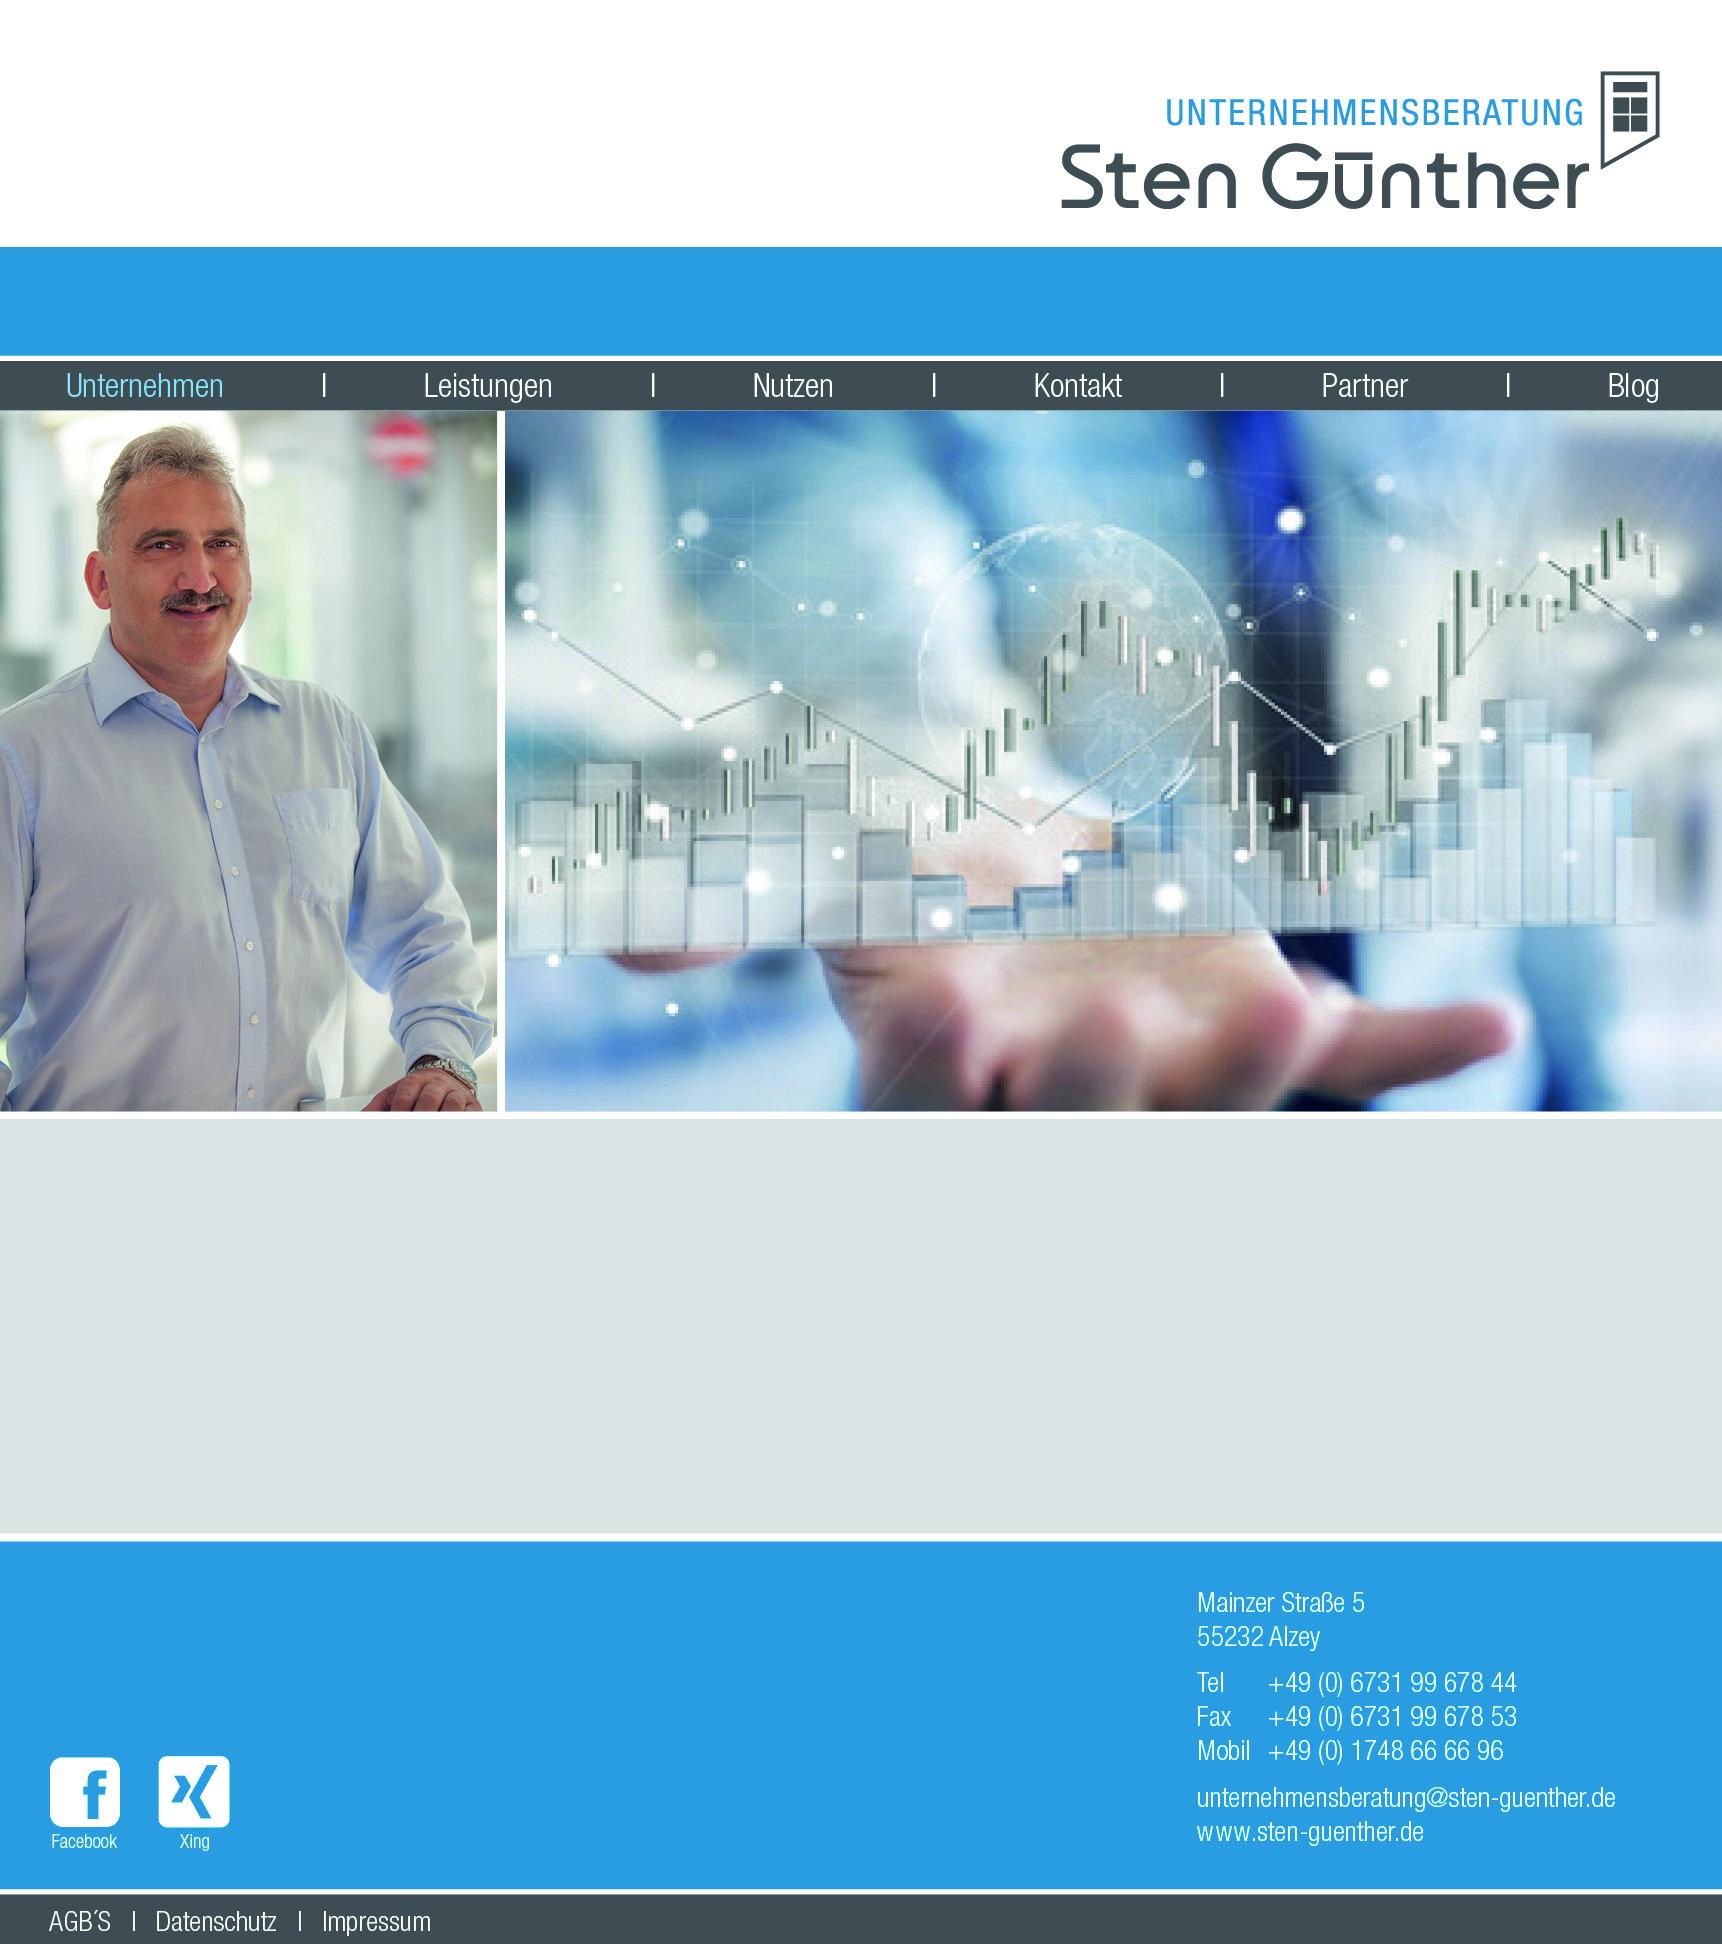 Unternehmensberatung Sten Günther